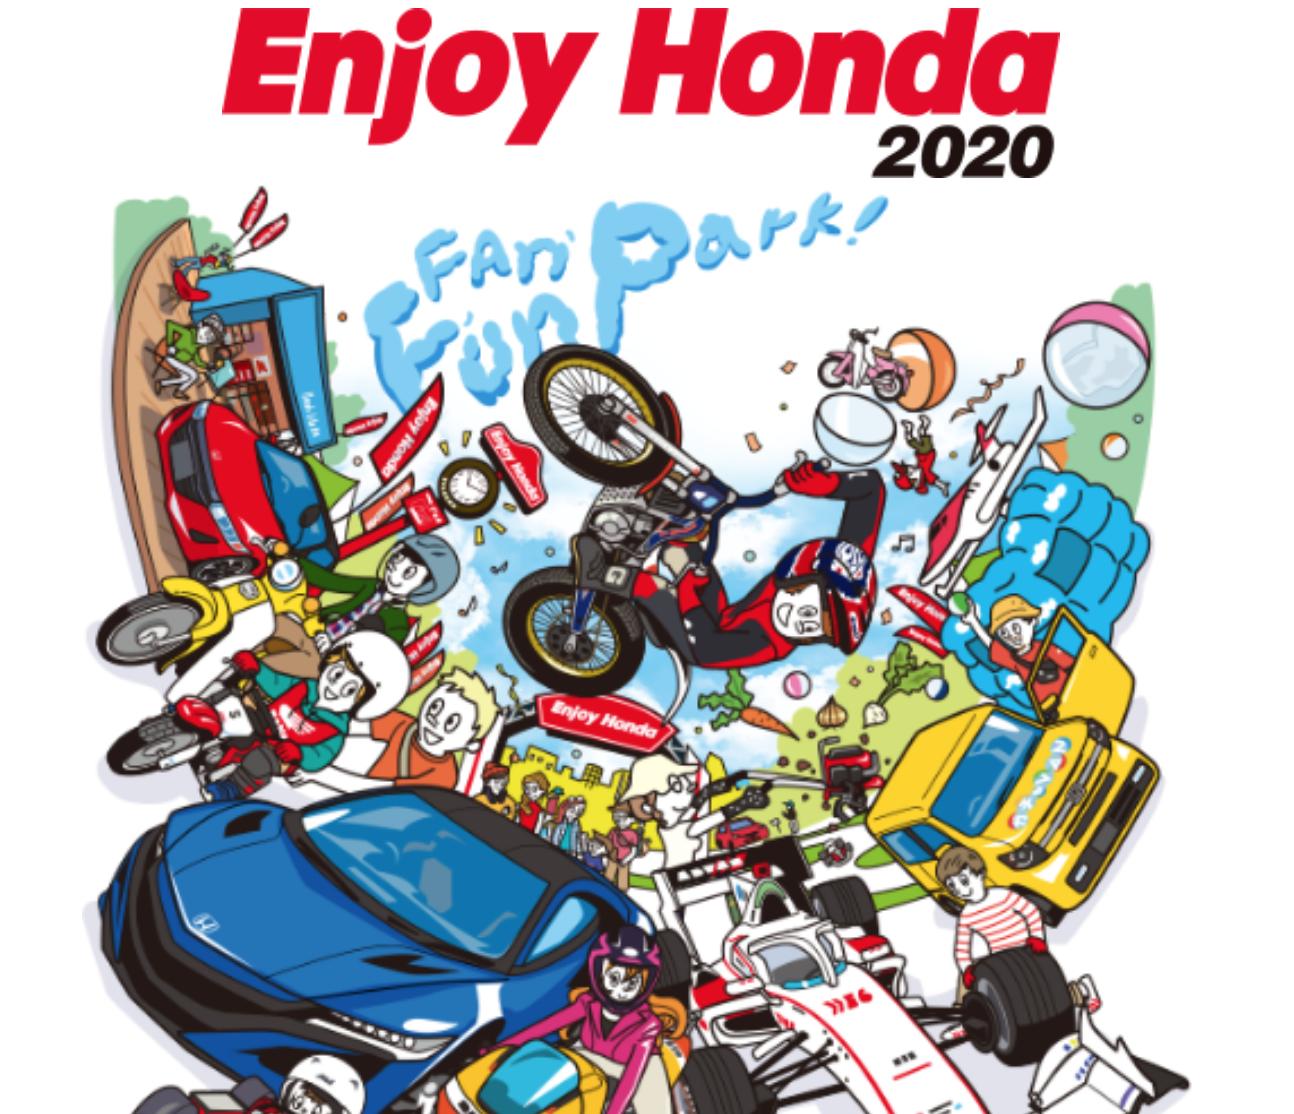 中止:Enjoy Honda 2020 朱鷺メッセ(エンジョイ ホンダ2020)